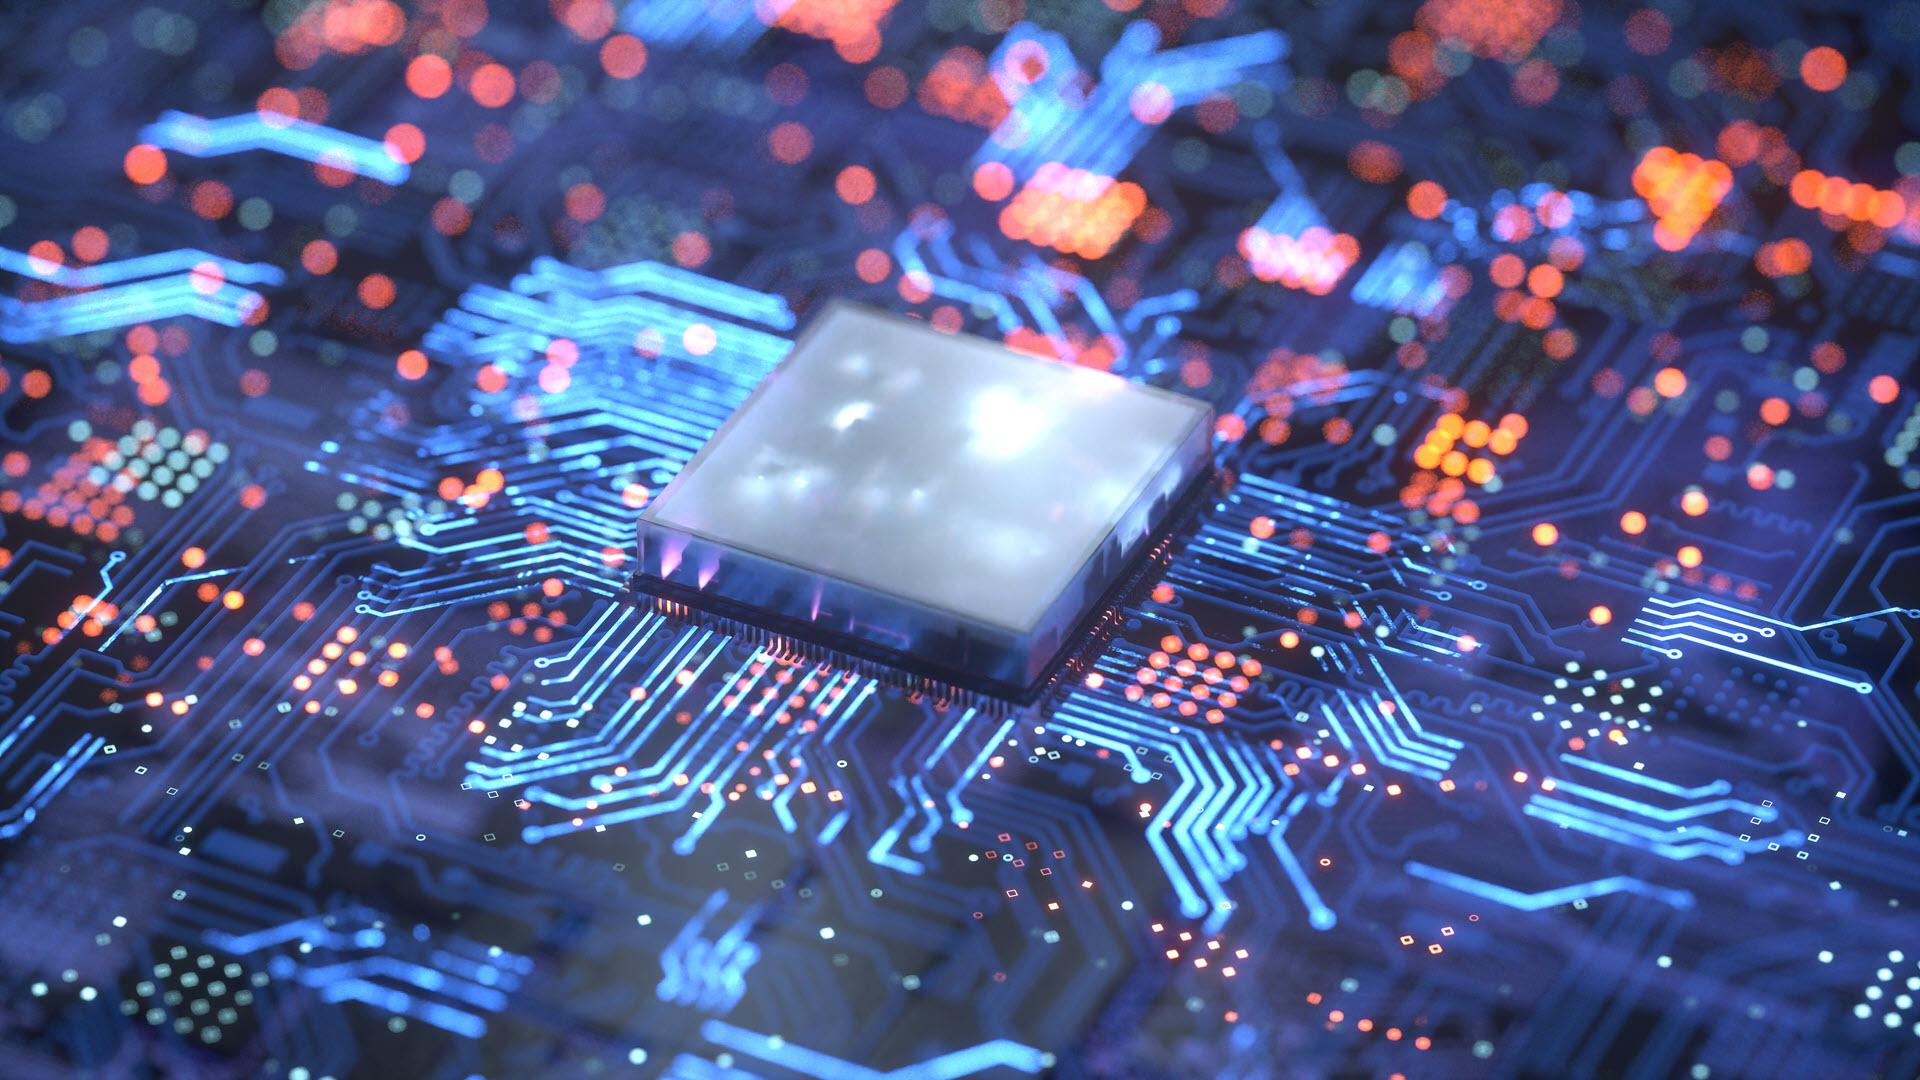 首条MEMS芯片投产将会带着怎样的战略意义